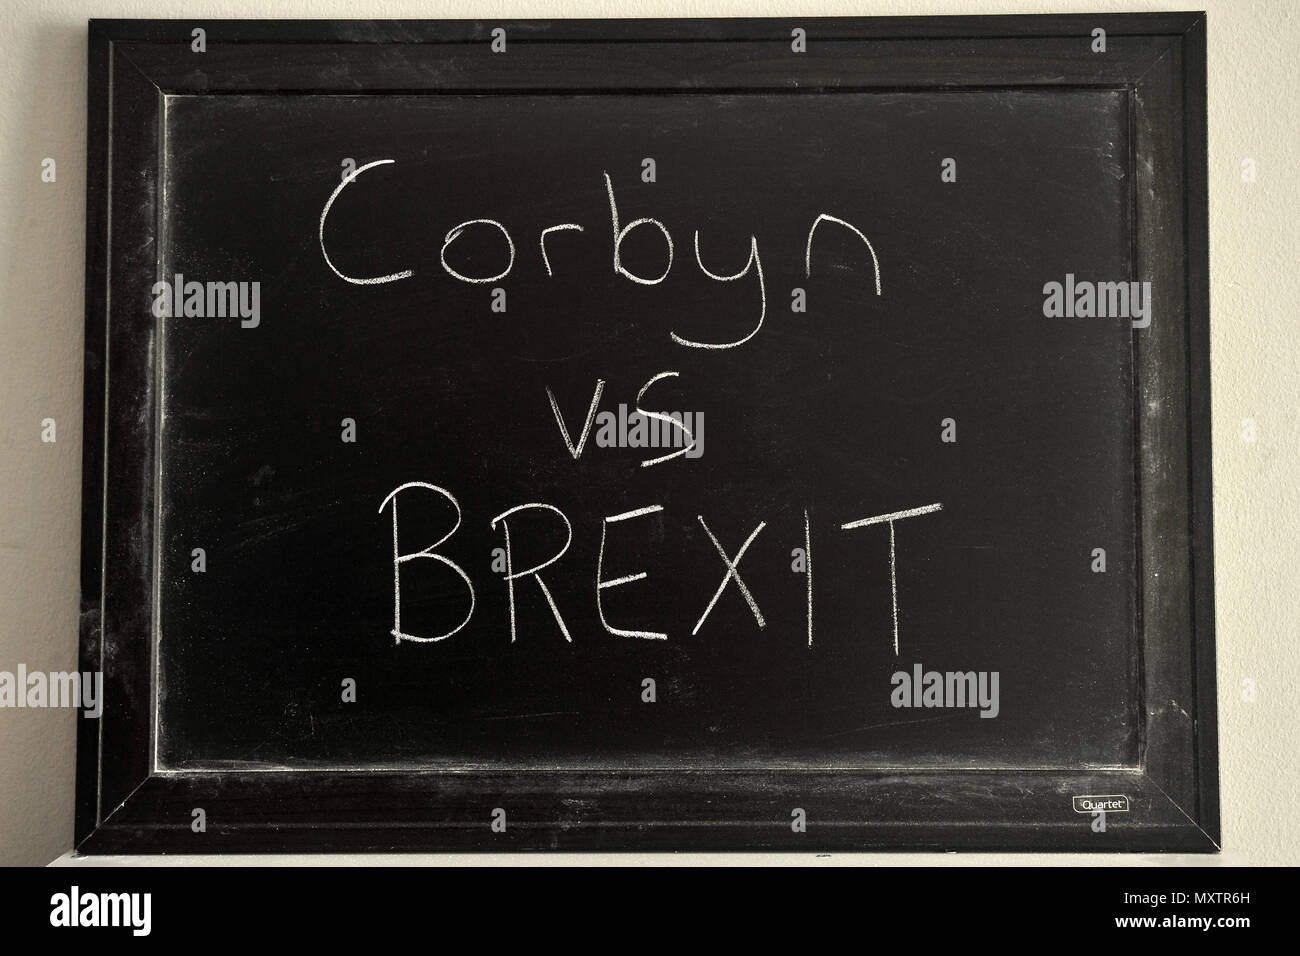 Corbyn vs BREXIT written in white chalk on a blackboard. - Stock Image